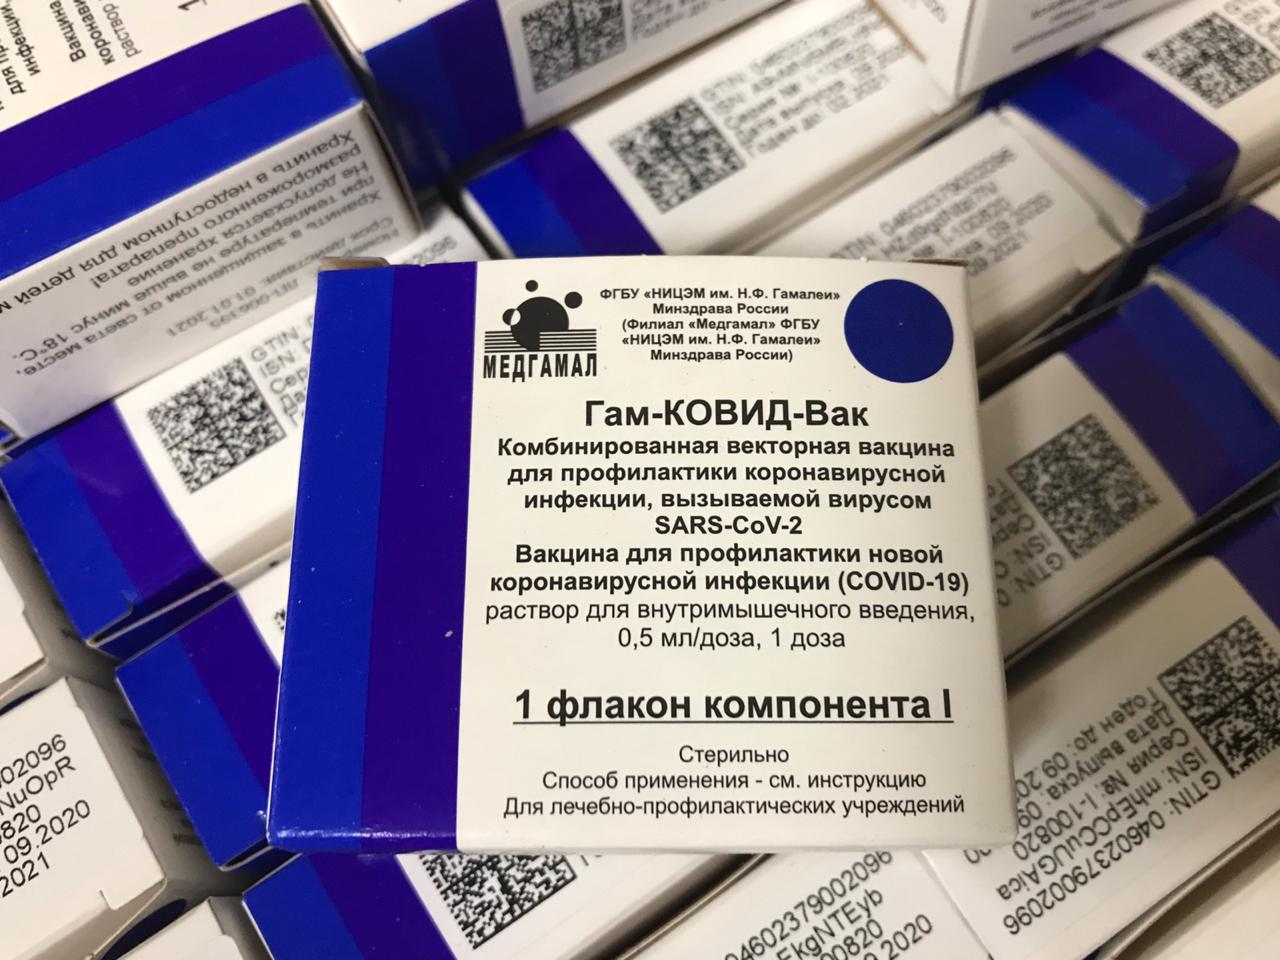 Новая российская вакцина от коронавируса поступила в Ярославль